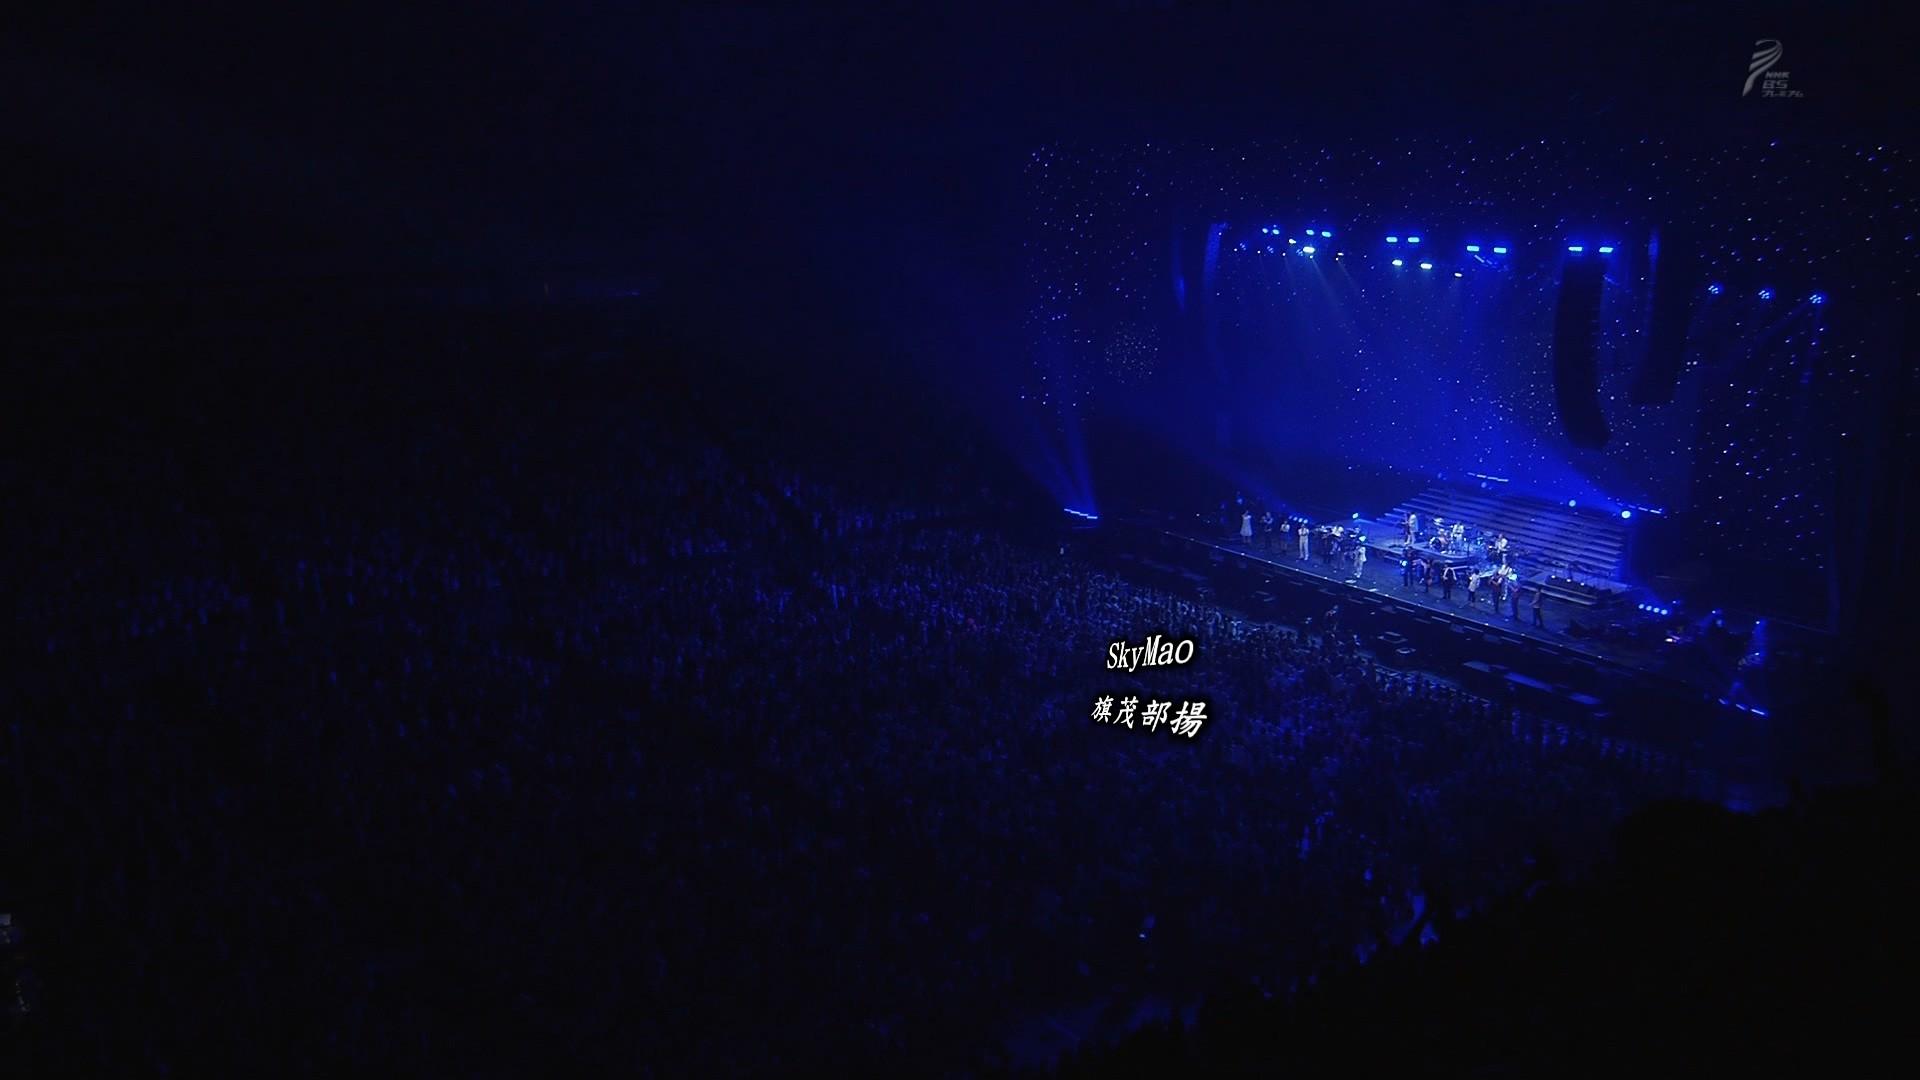 スターダスト☆レビュー&フレンズ (さいたまスーパーアリーナ NHK BSプレミアム 収録日:2017.05.20)..ts_20170717_041749.842